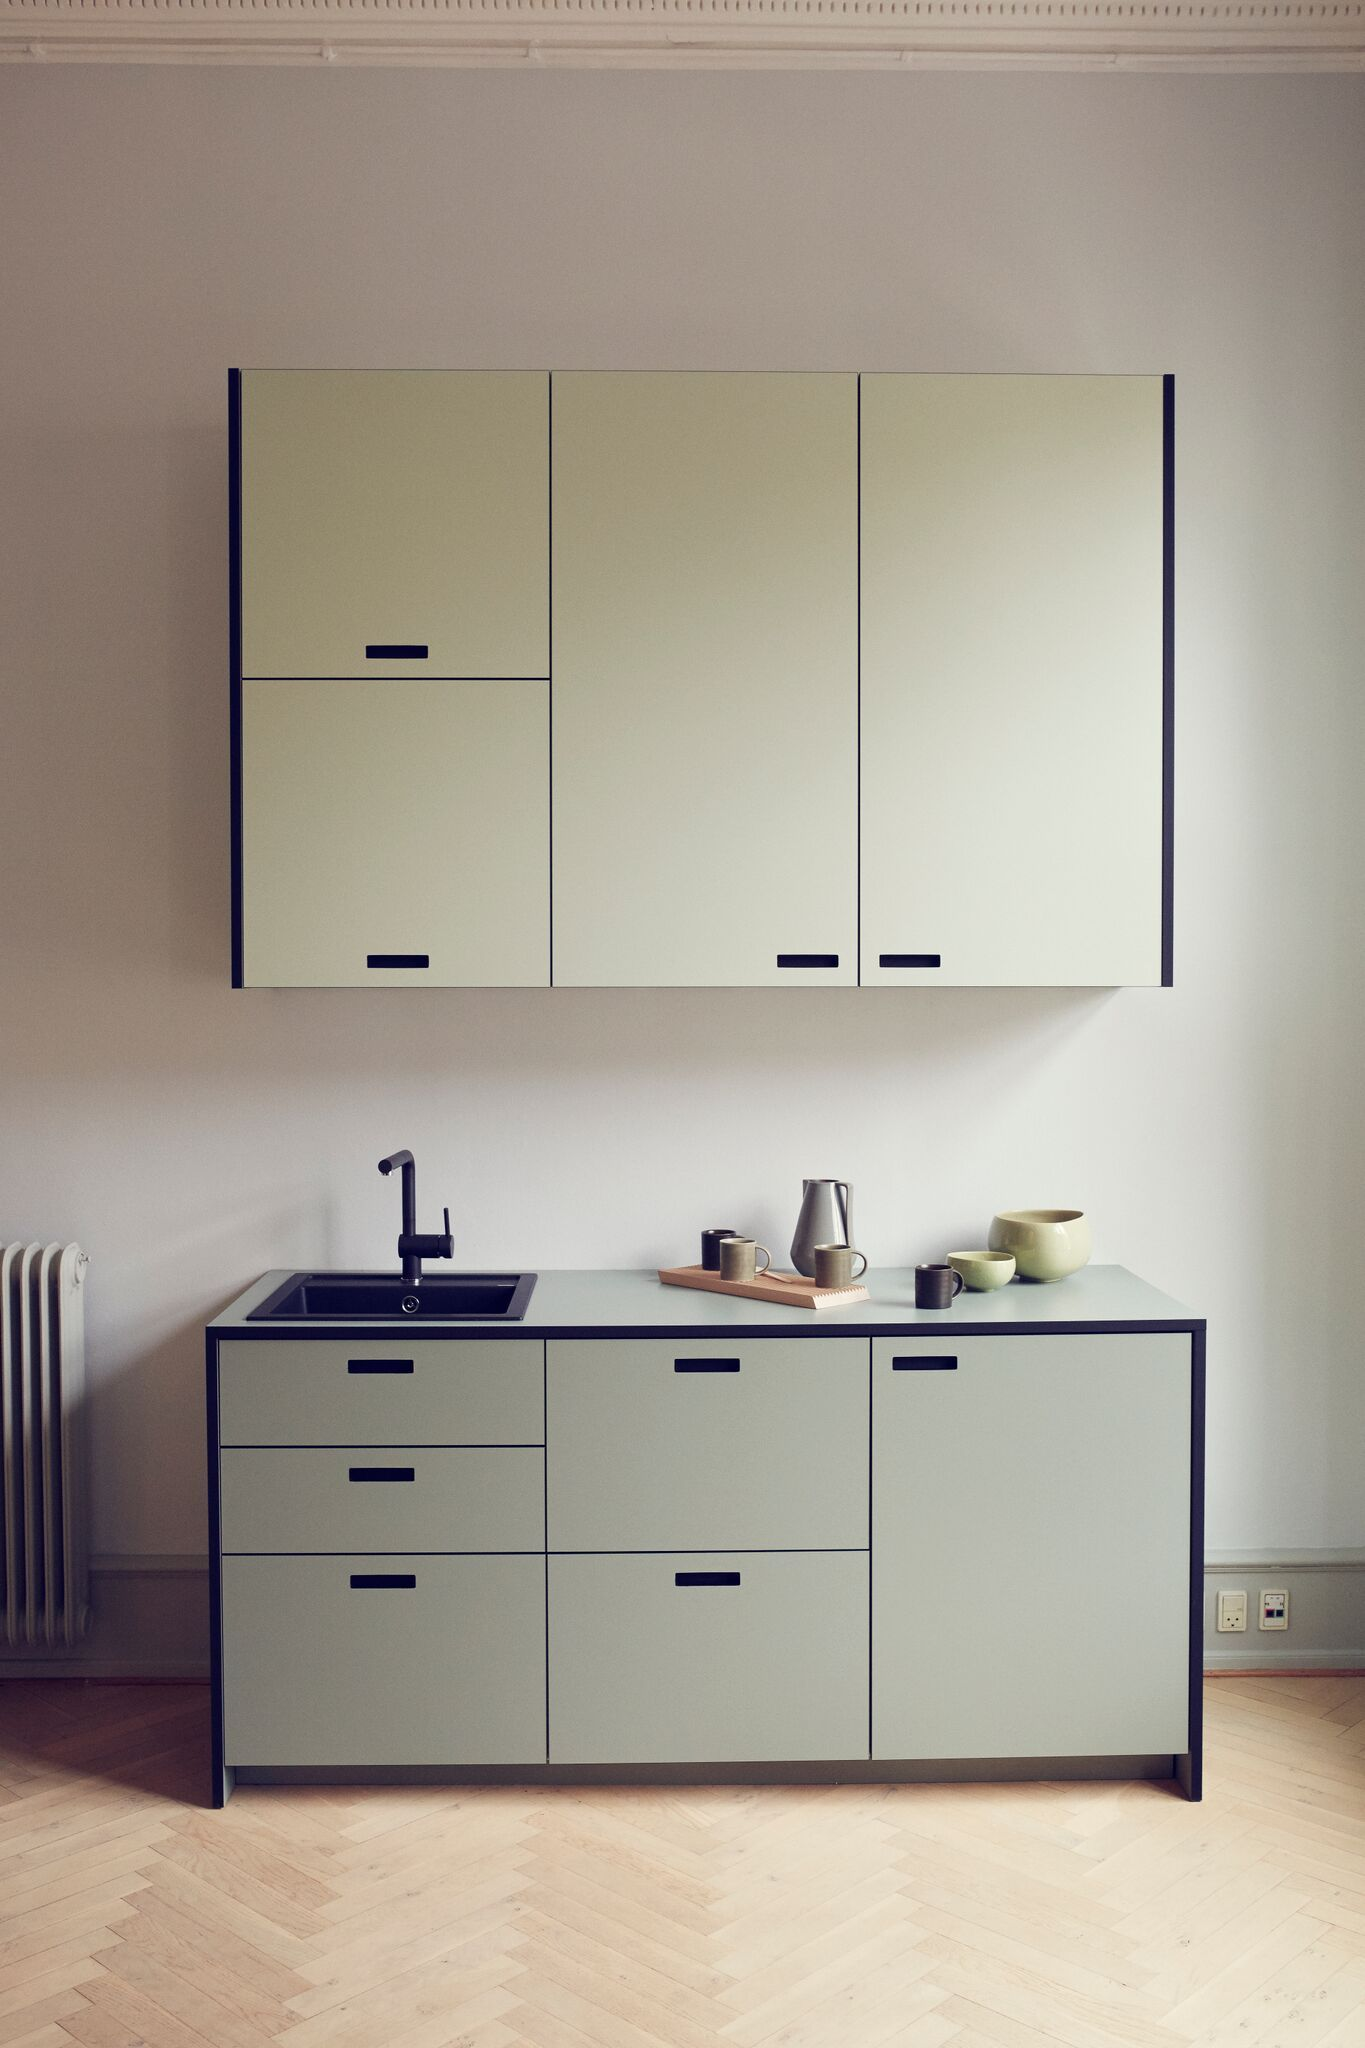 Pin van Gal Burn op minimal - Kitchen decor, Minimalist ...